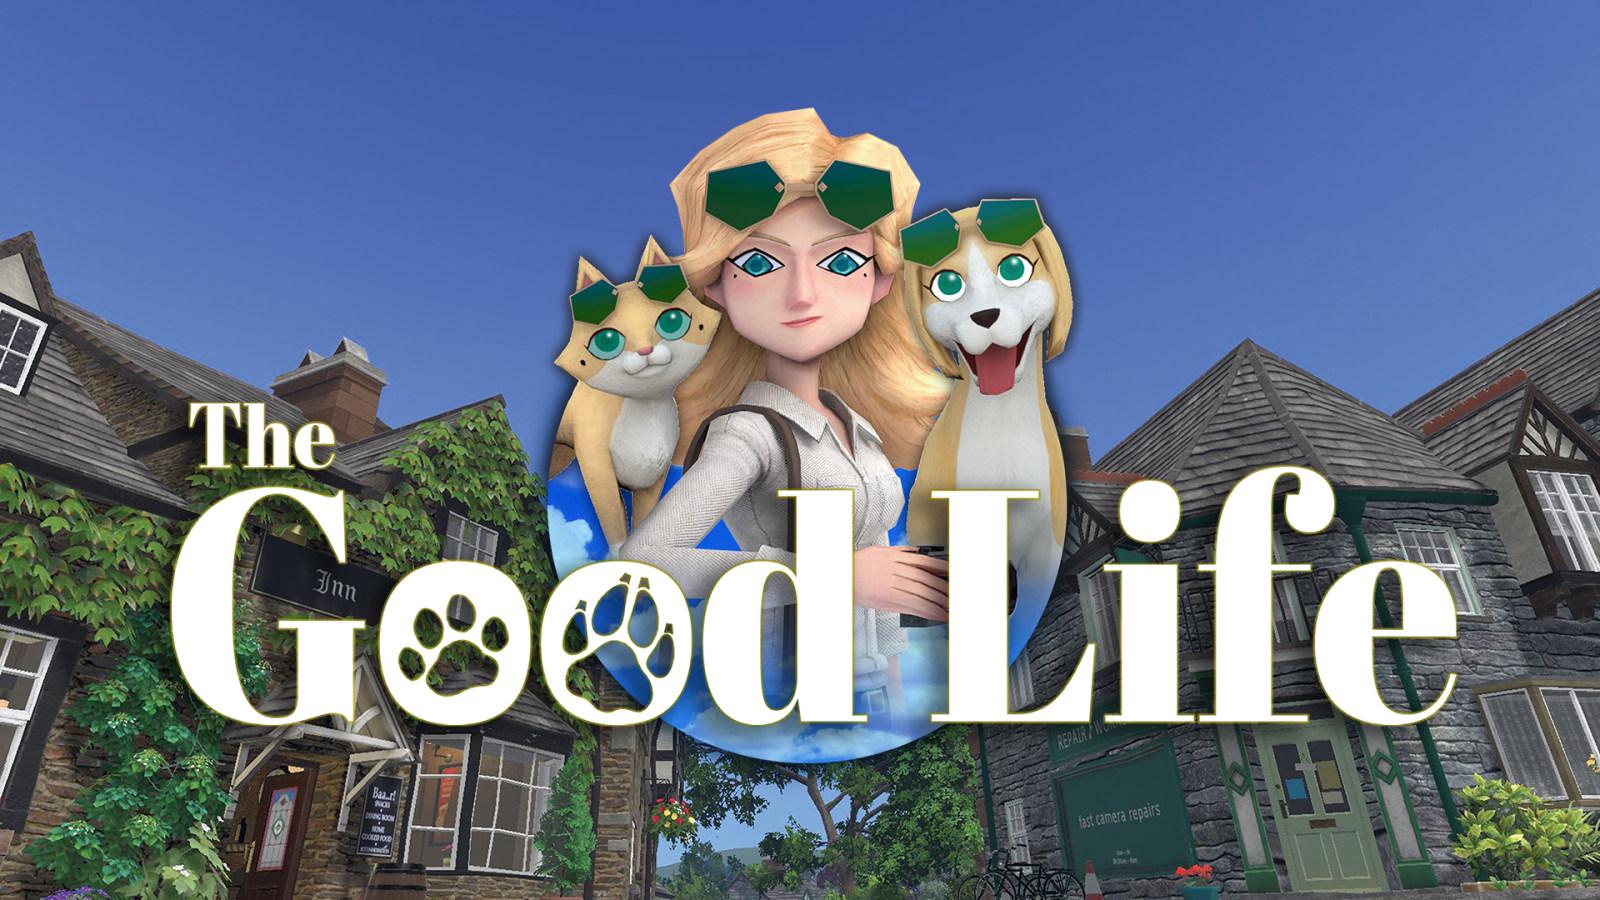 休闲解密游戏《美好生活》放出新预告片,同时宣布游戏将于10月15日发售